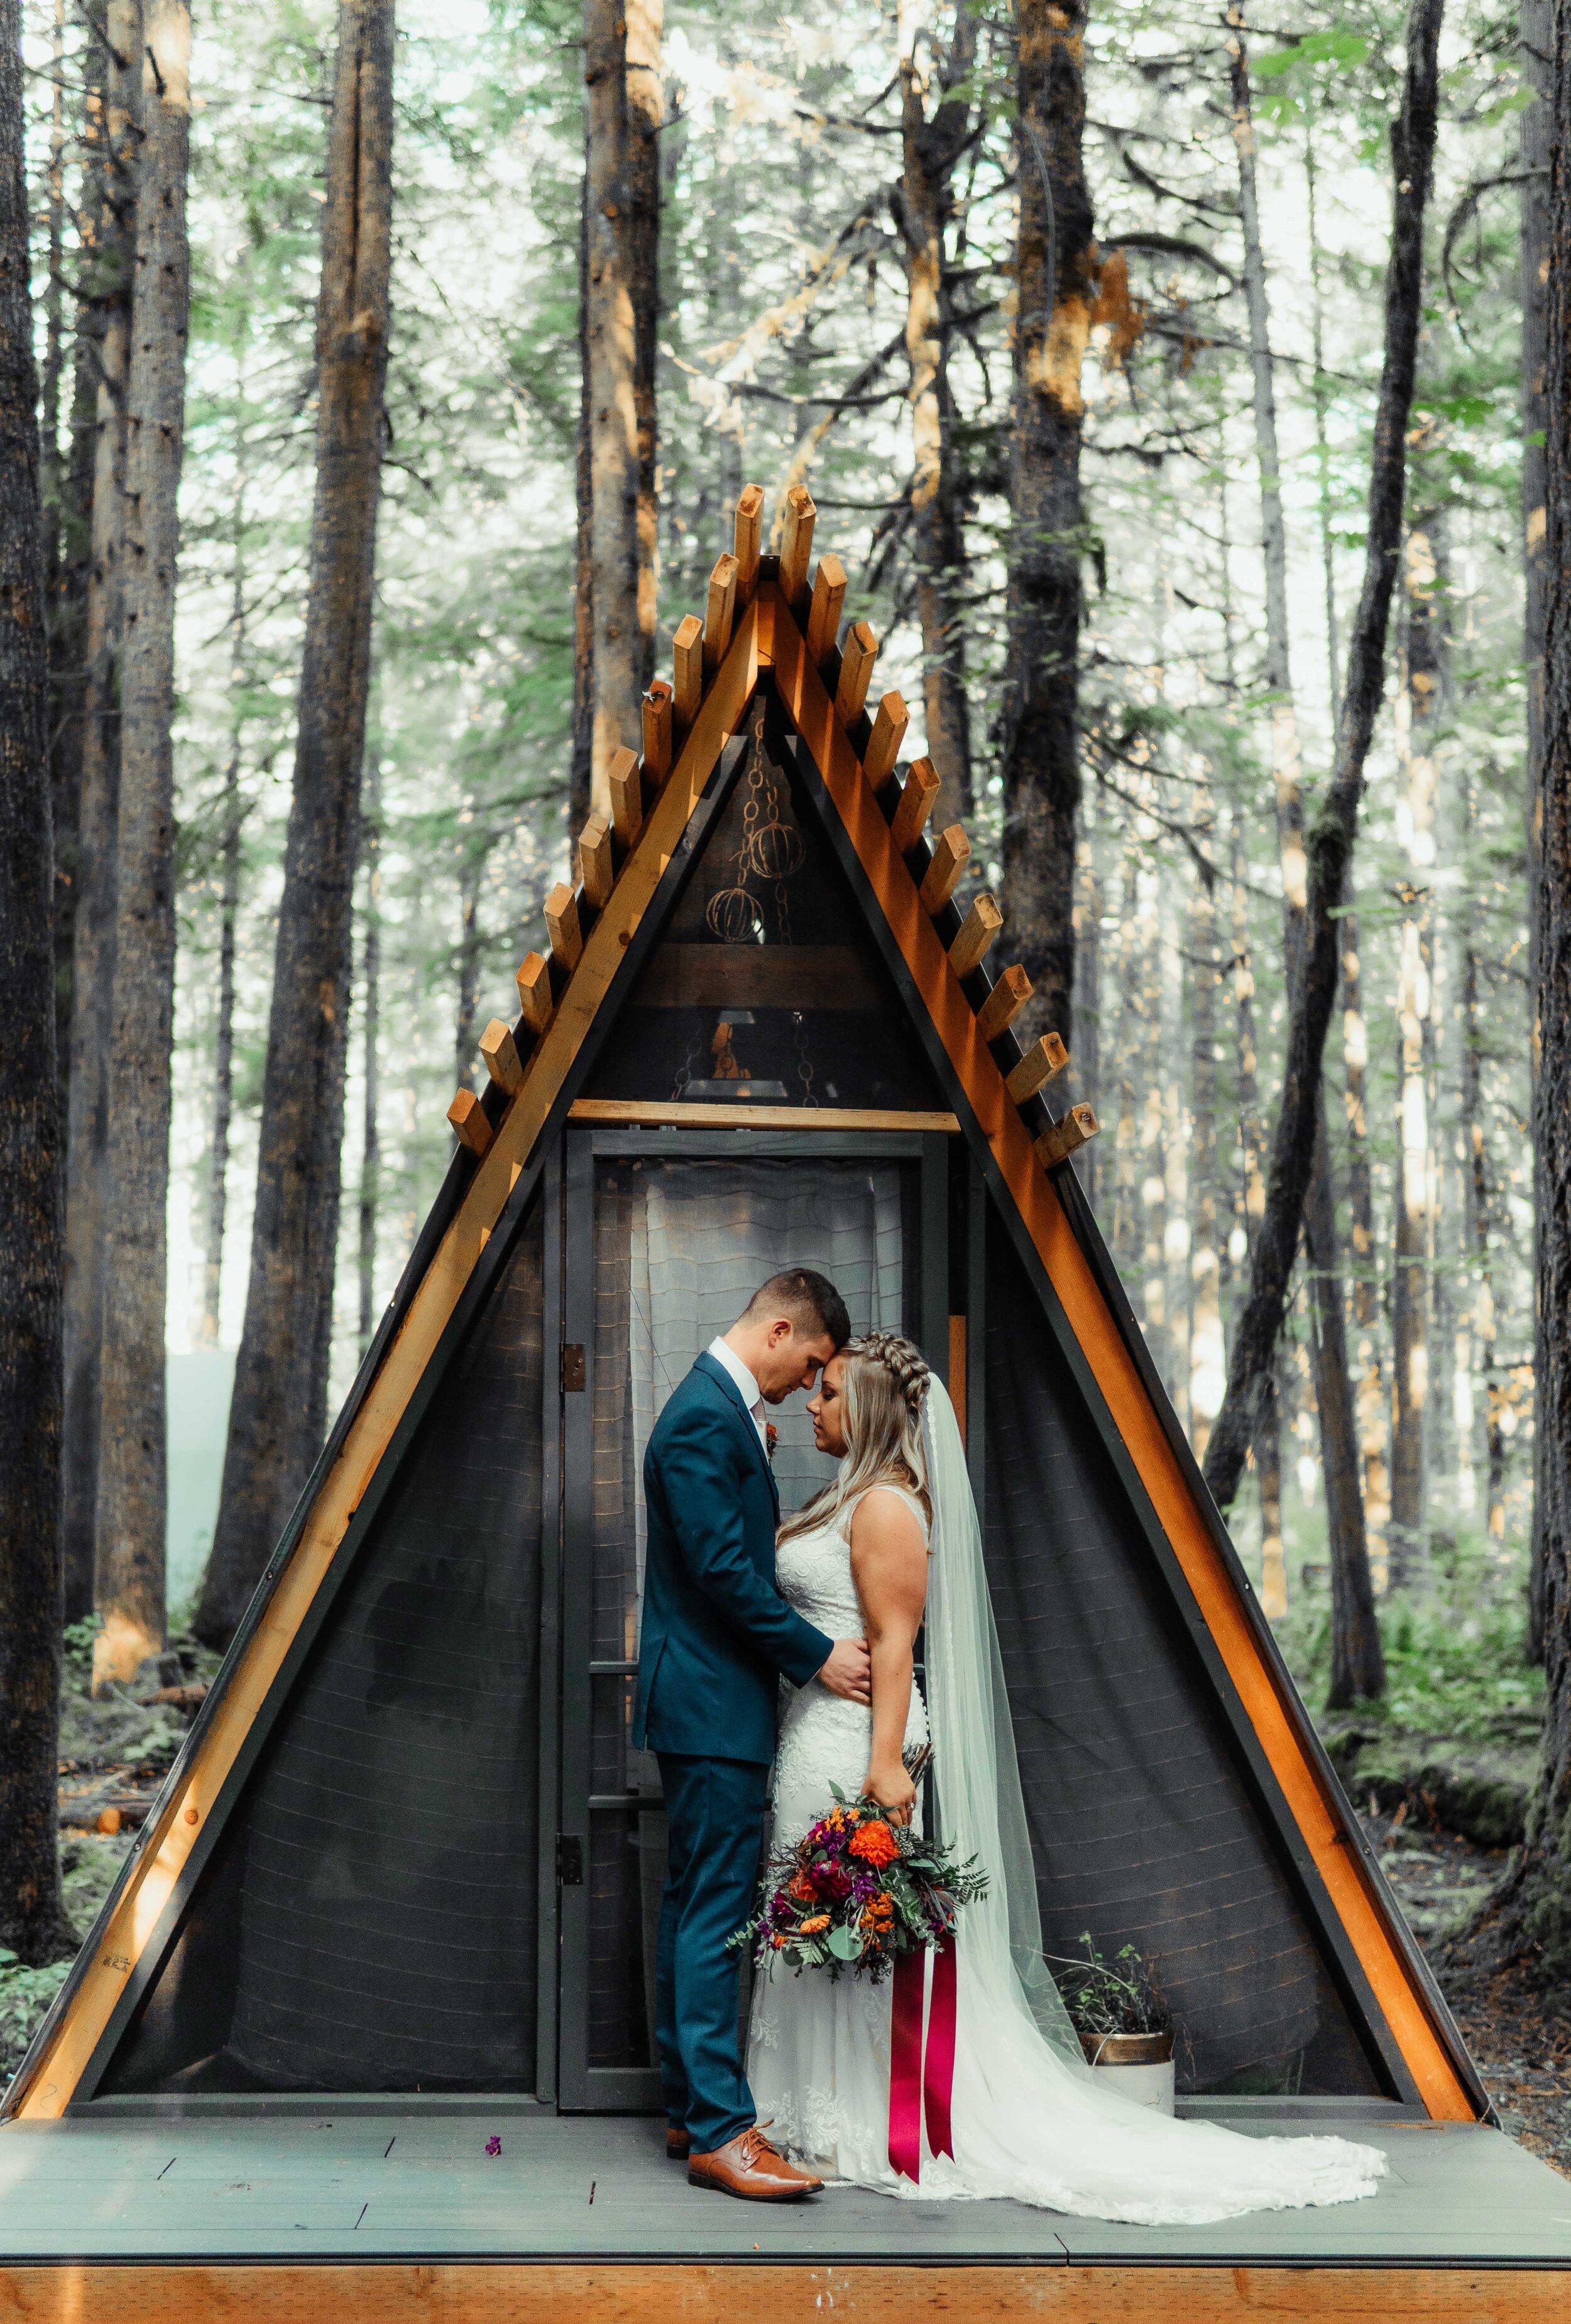 Wedding LITE/$3000 - 8 Hour Wedding DayEngagements OR BridalsA GRIP of Edited Digitals (300+)